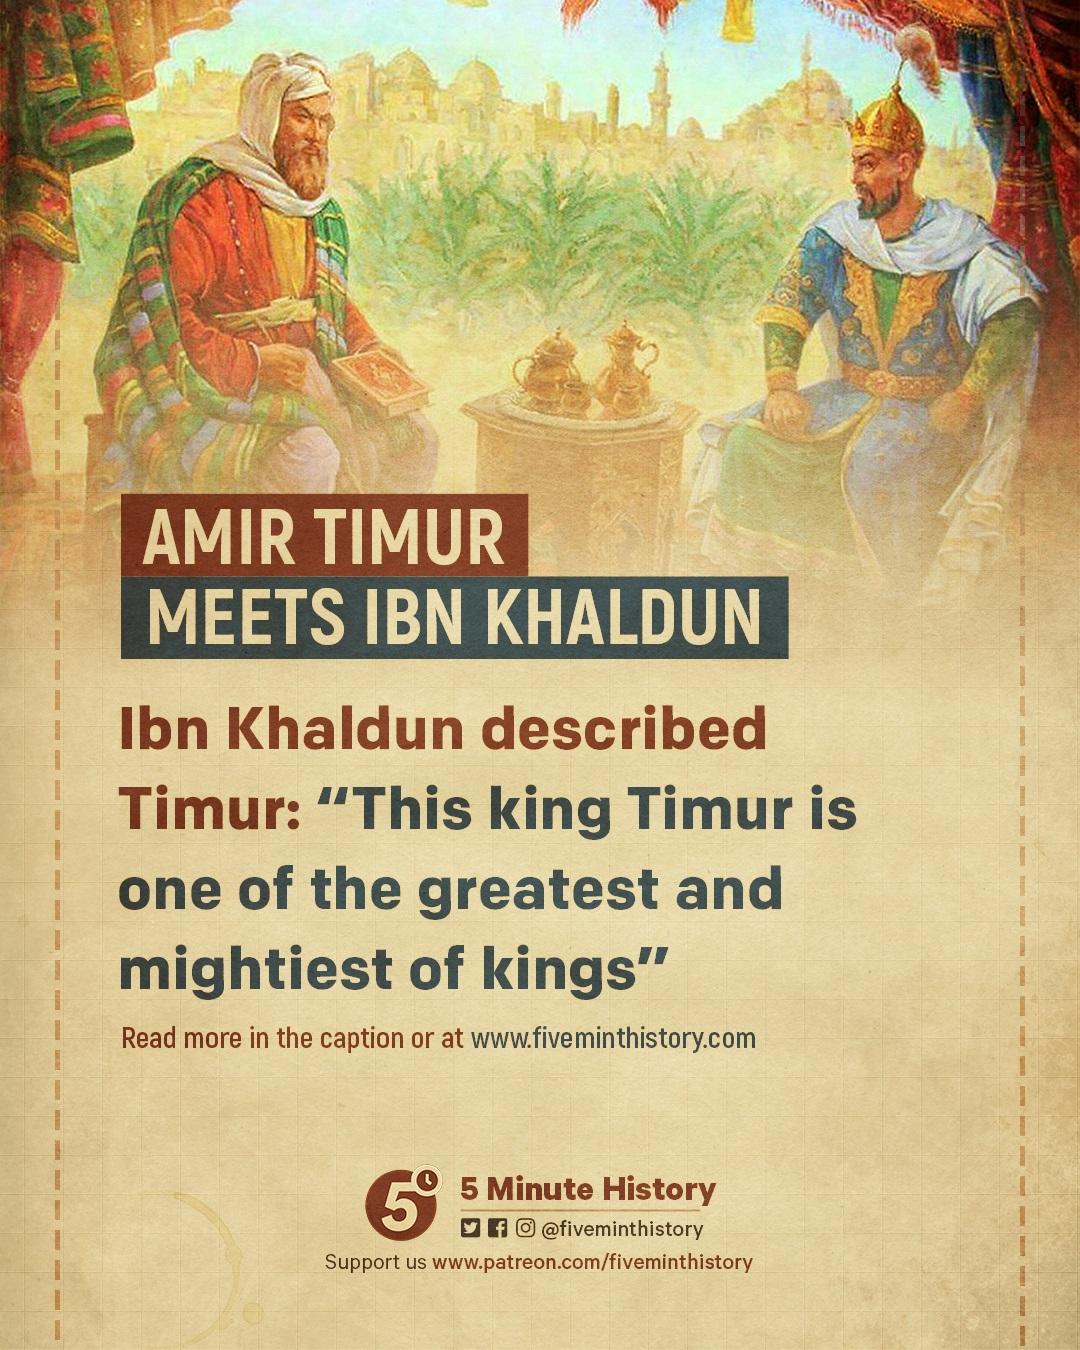 Amir timur meets ibn khaldun